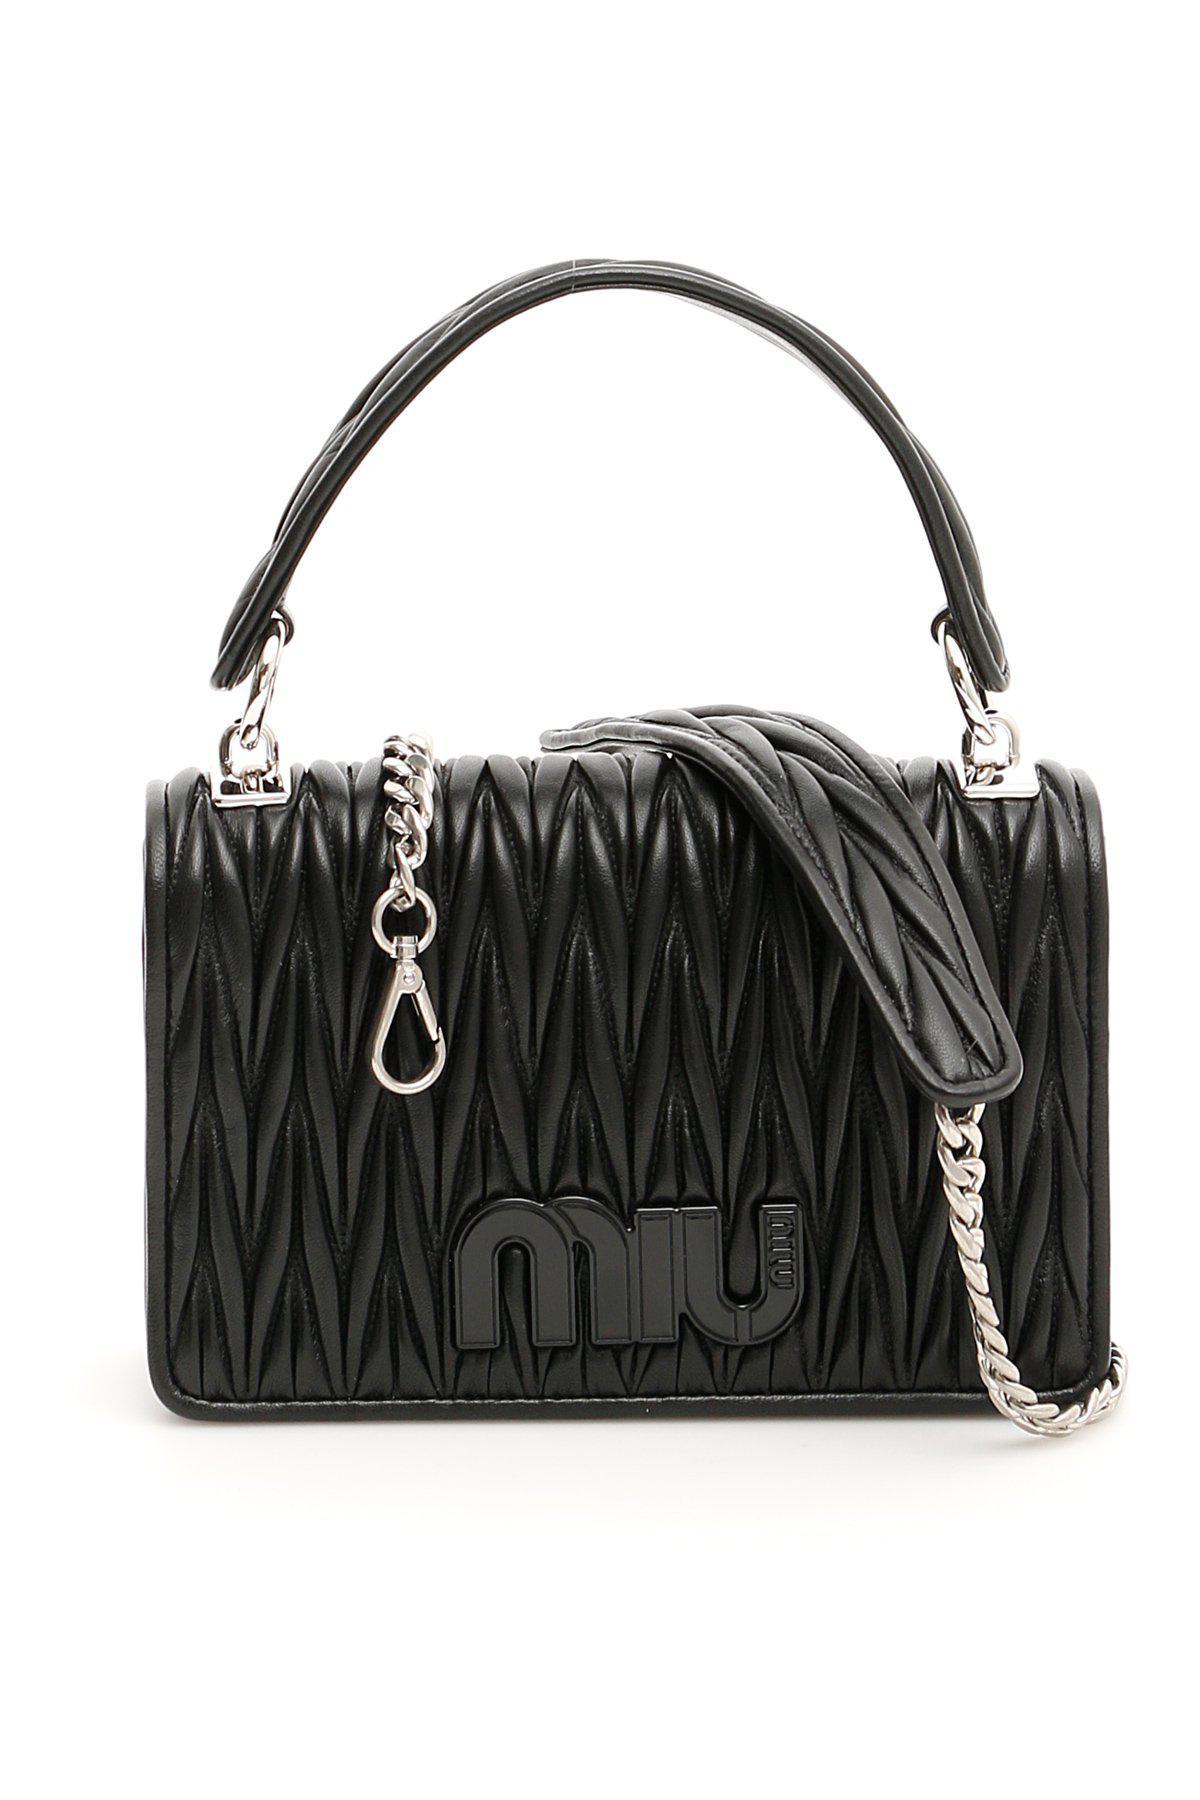 e896906c1fa9 Miu Miu Matelassé Chain Strap Shoulder Bag in Black - Lyst